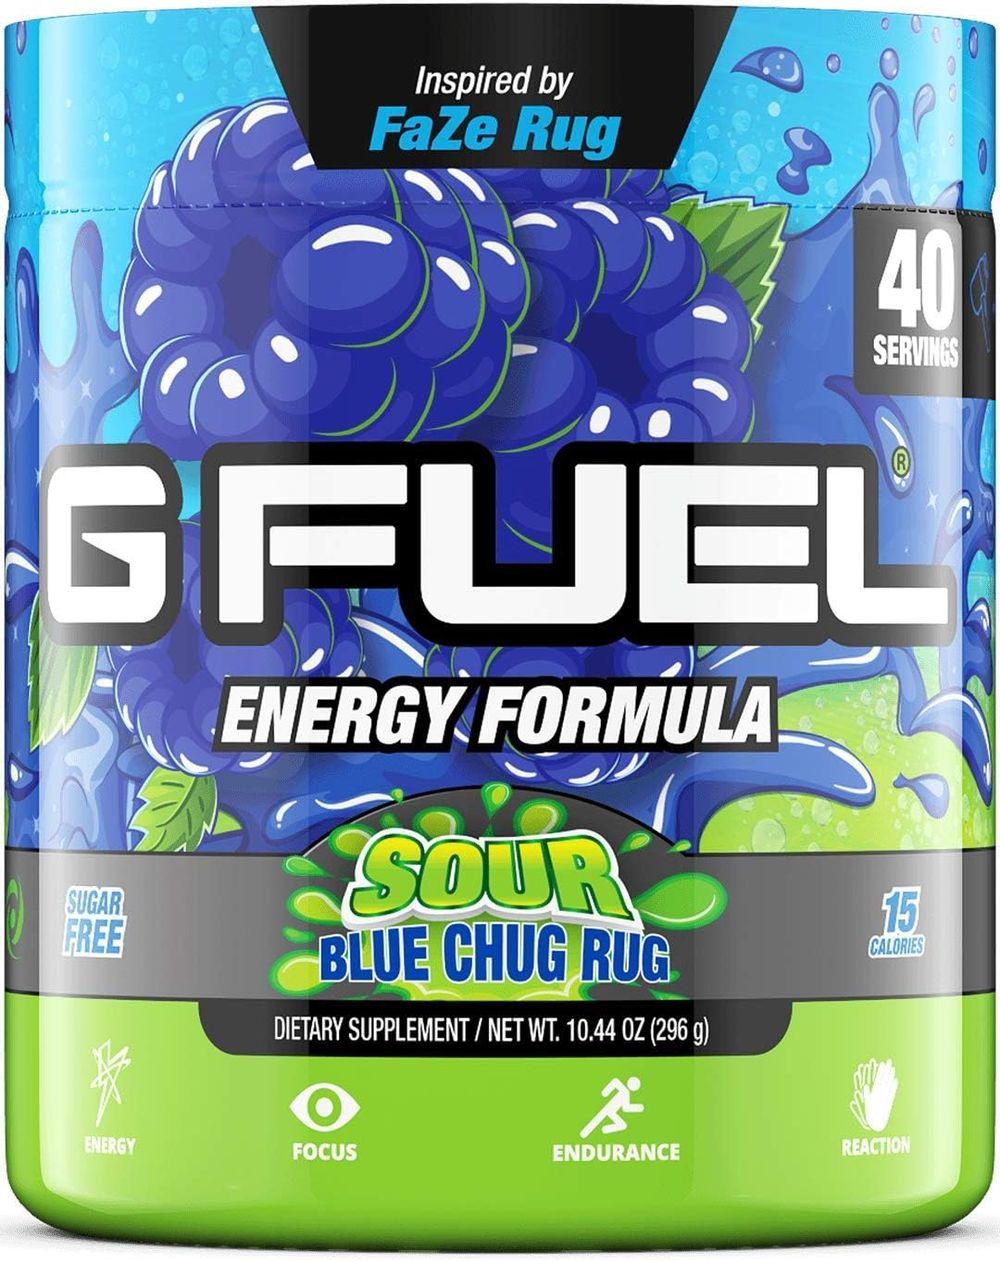 G Fuel Sour Blue Chug Rug Elite Energy Powder Inspired by Faze Rug, 10.44 oz (40 Servings)